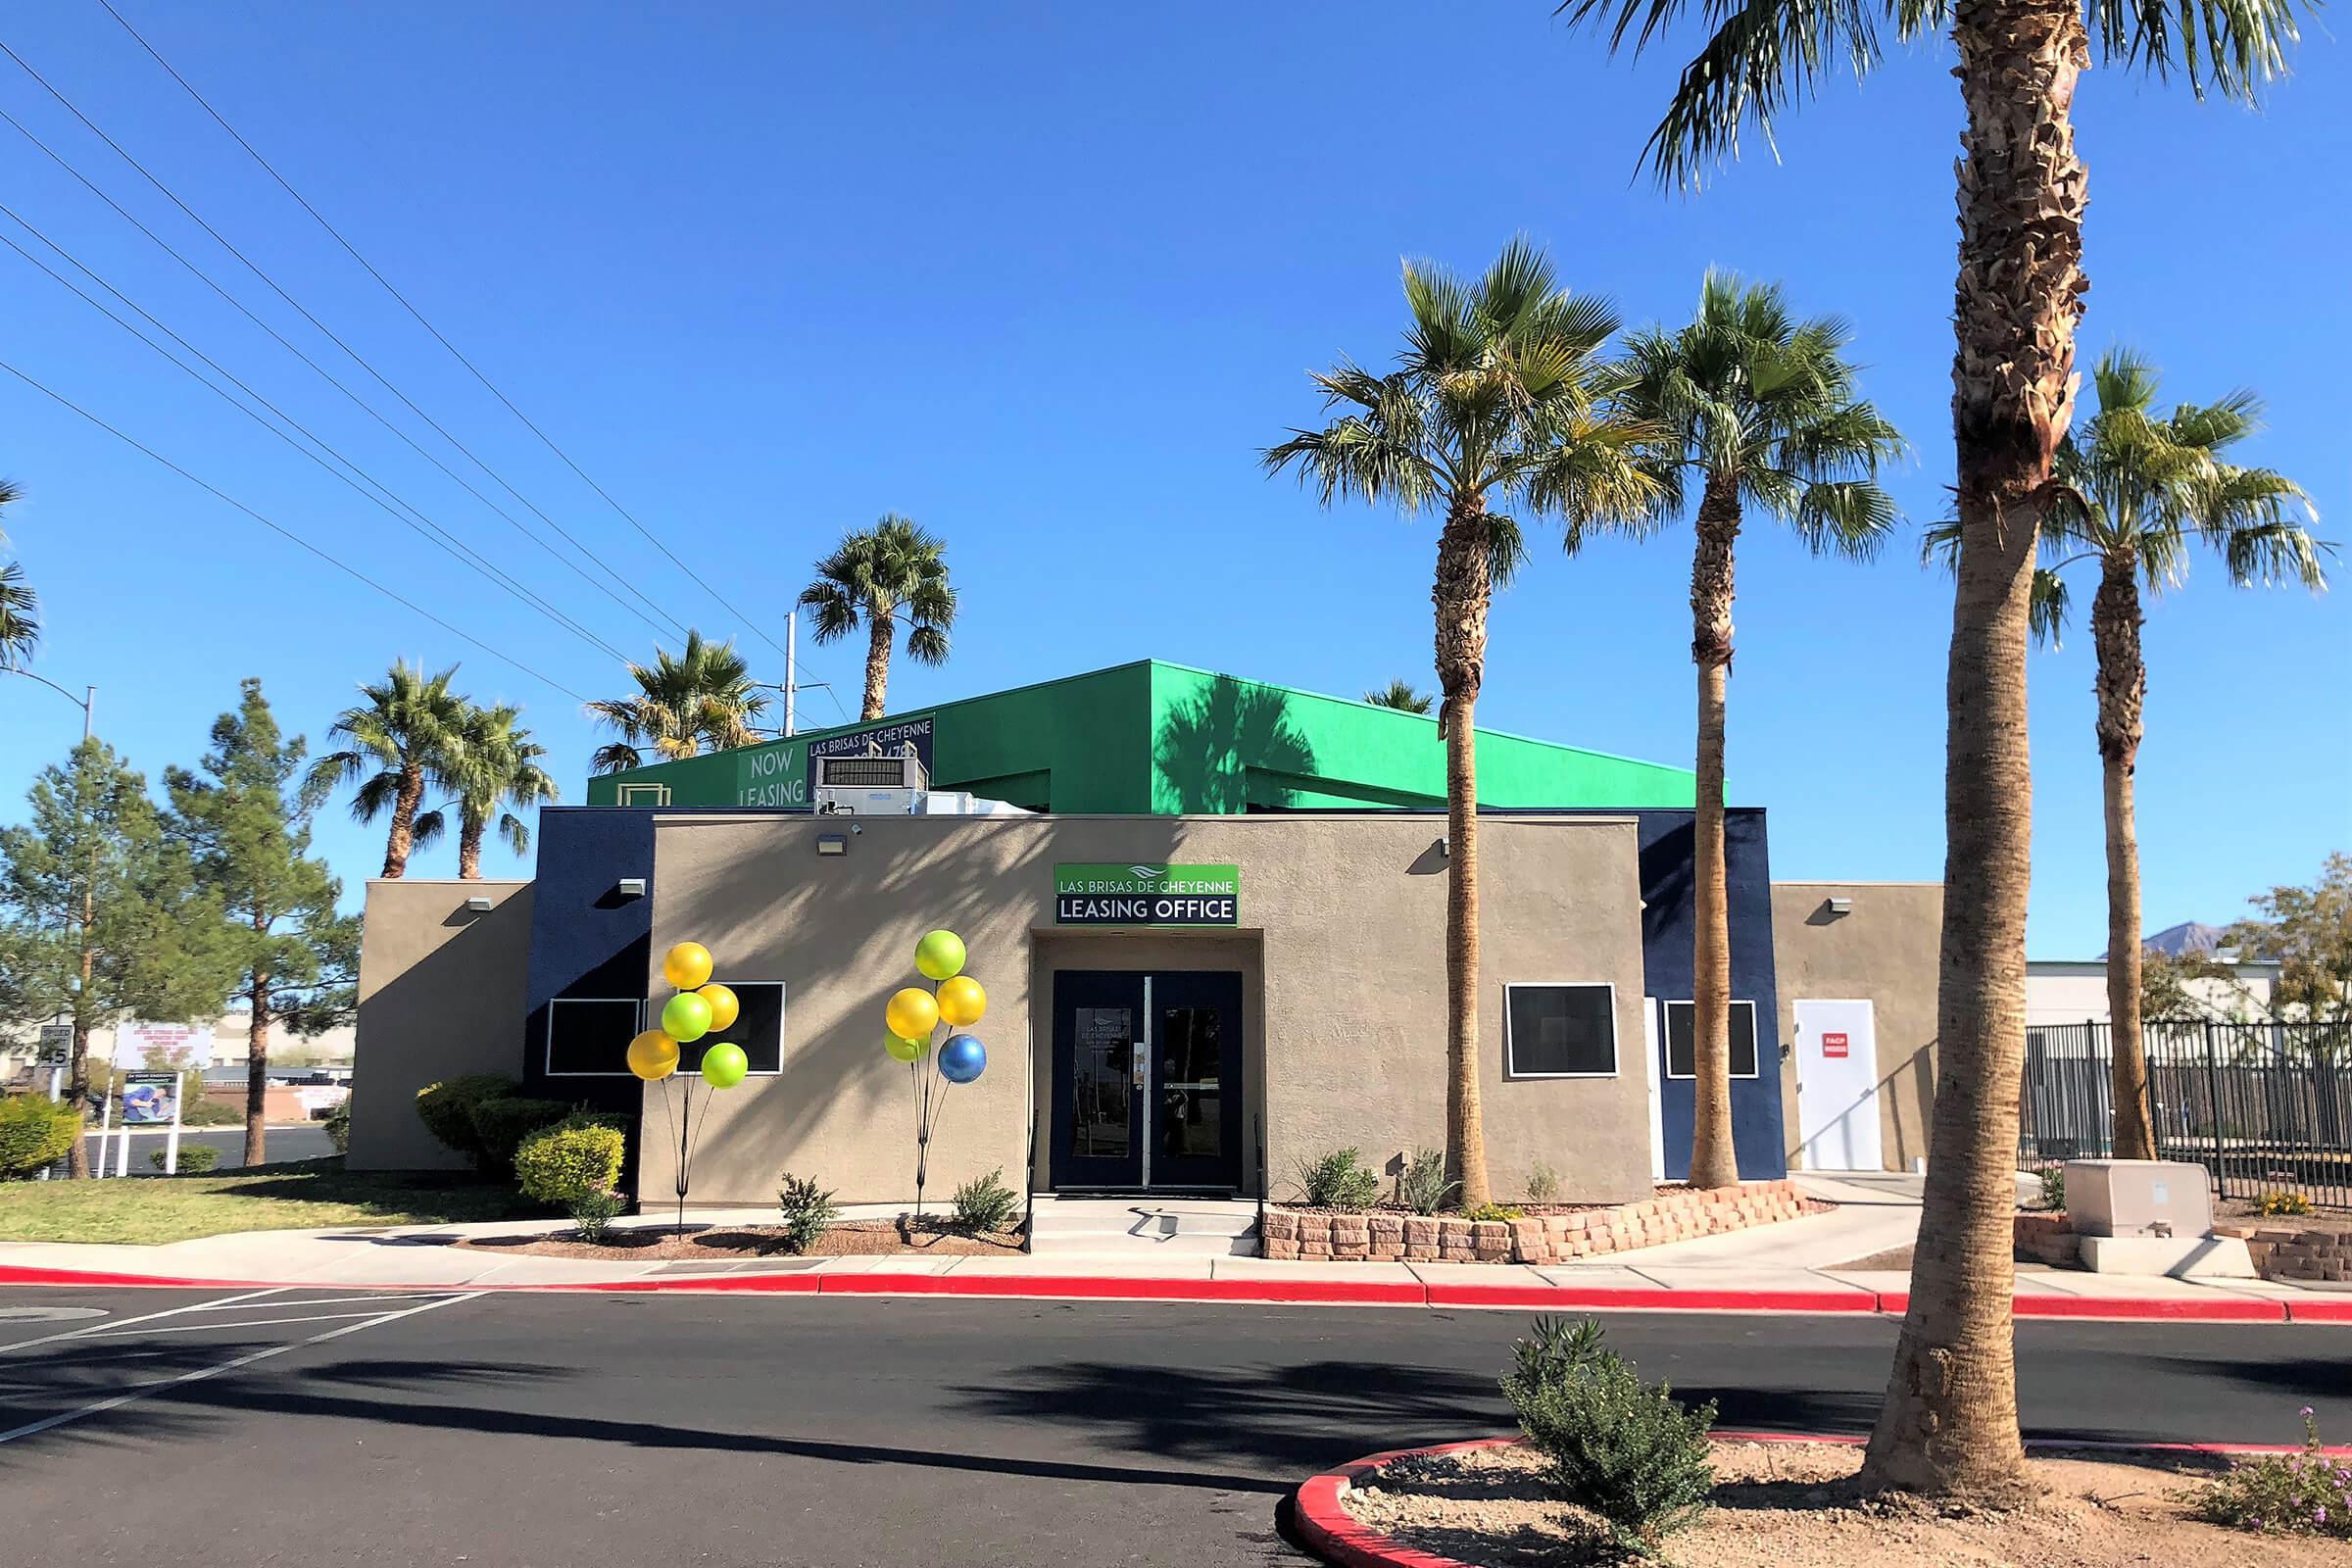 LEASING OFFICE AT LAS BRISAS DE CHEYENNE IN LAS VEGAS, NEVADA